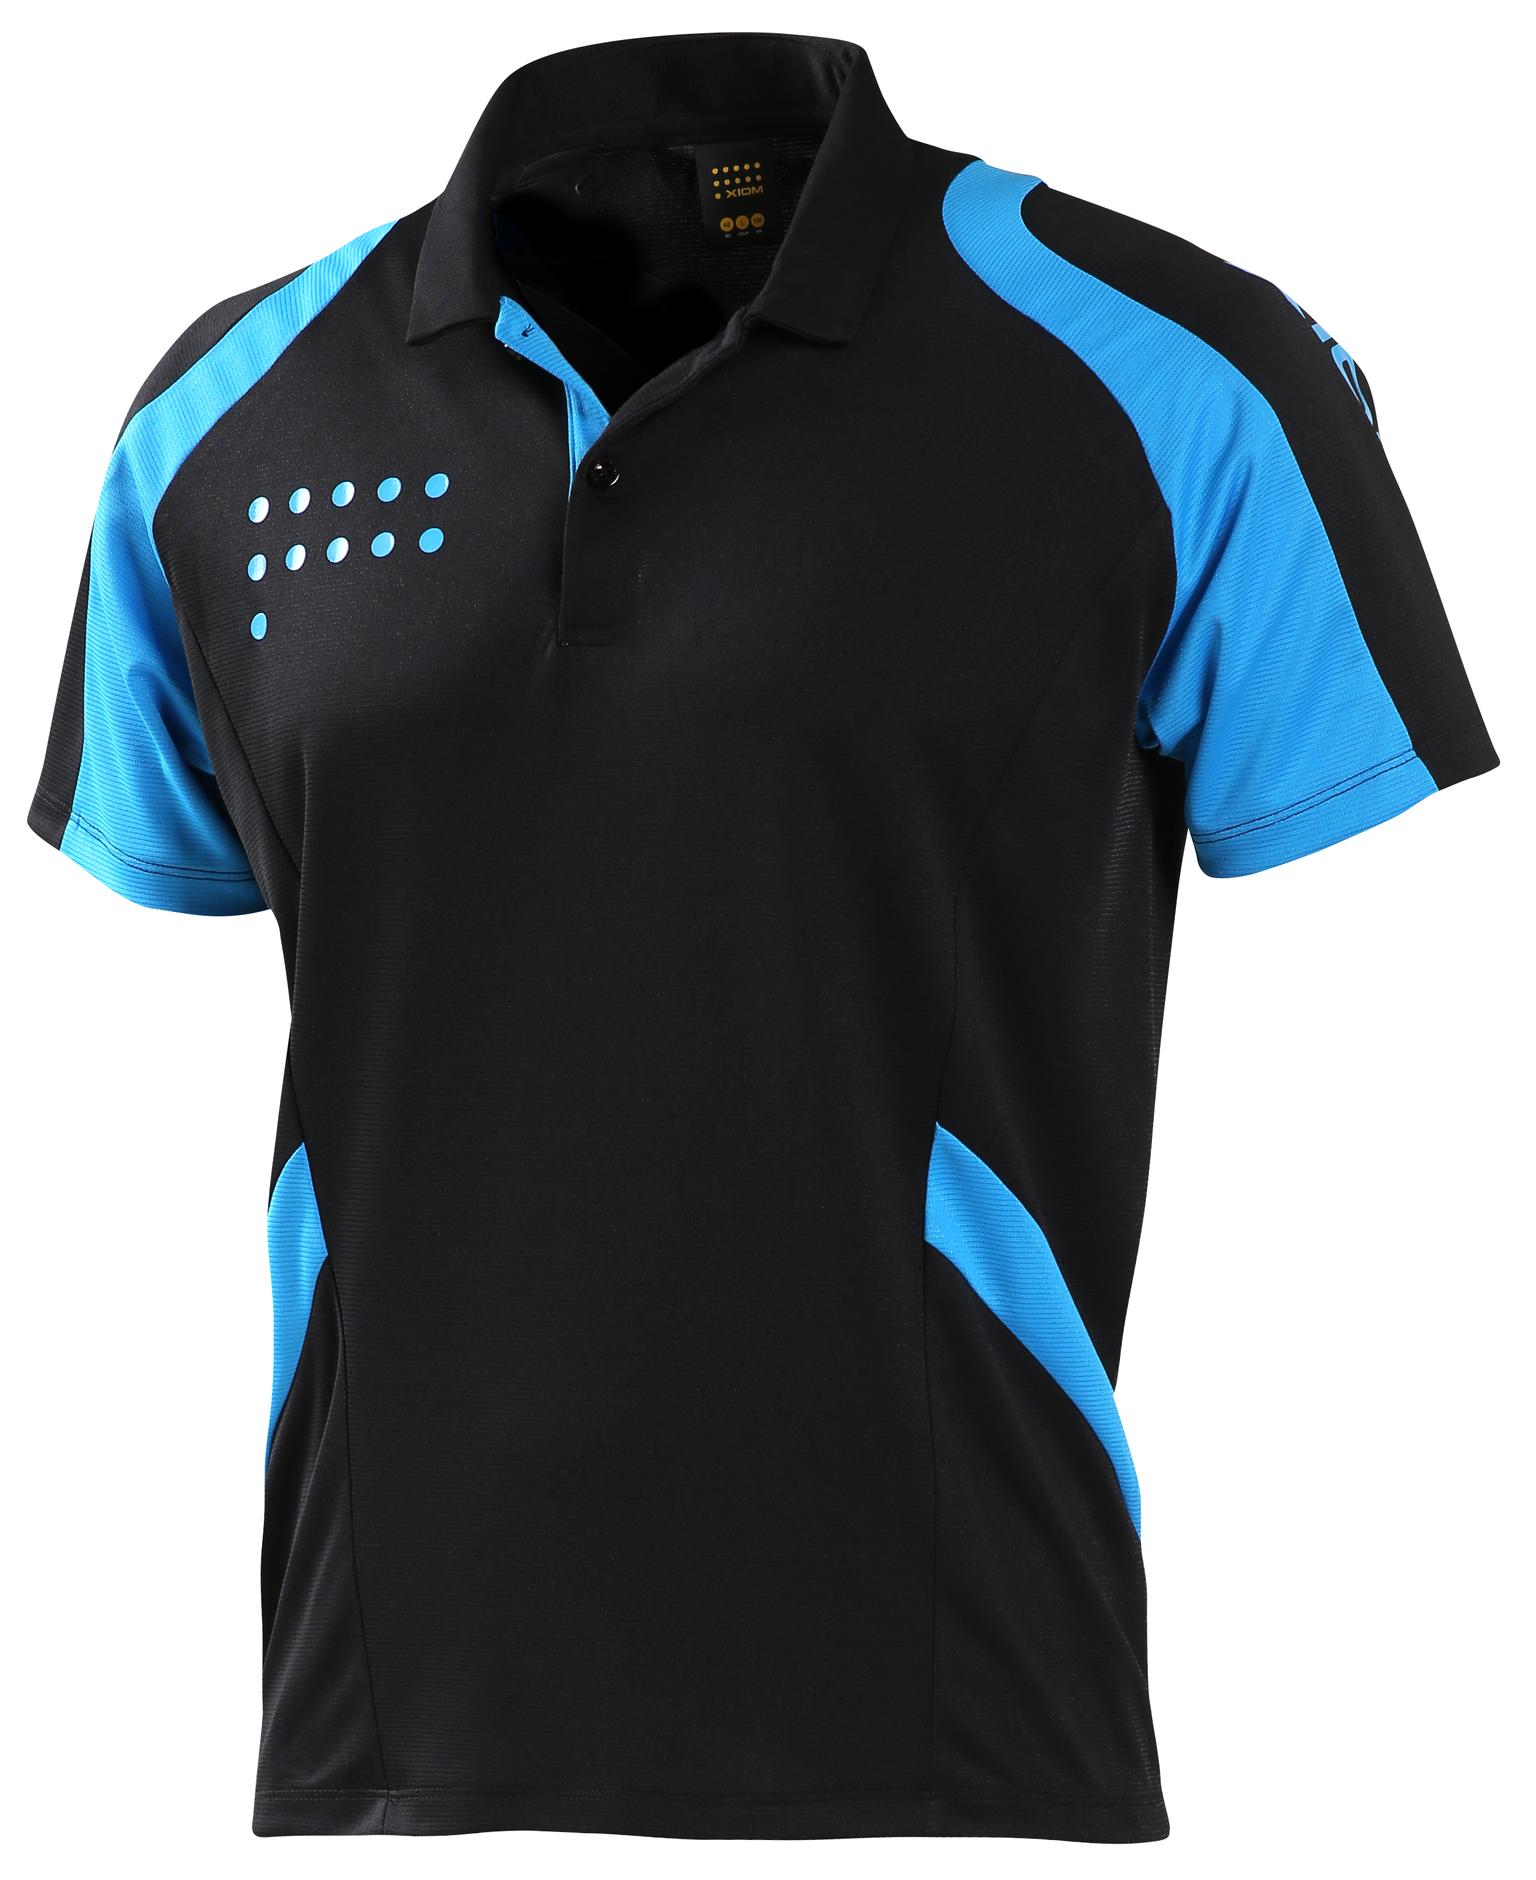 Design A Shirt Review